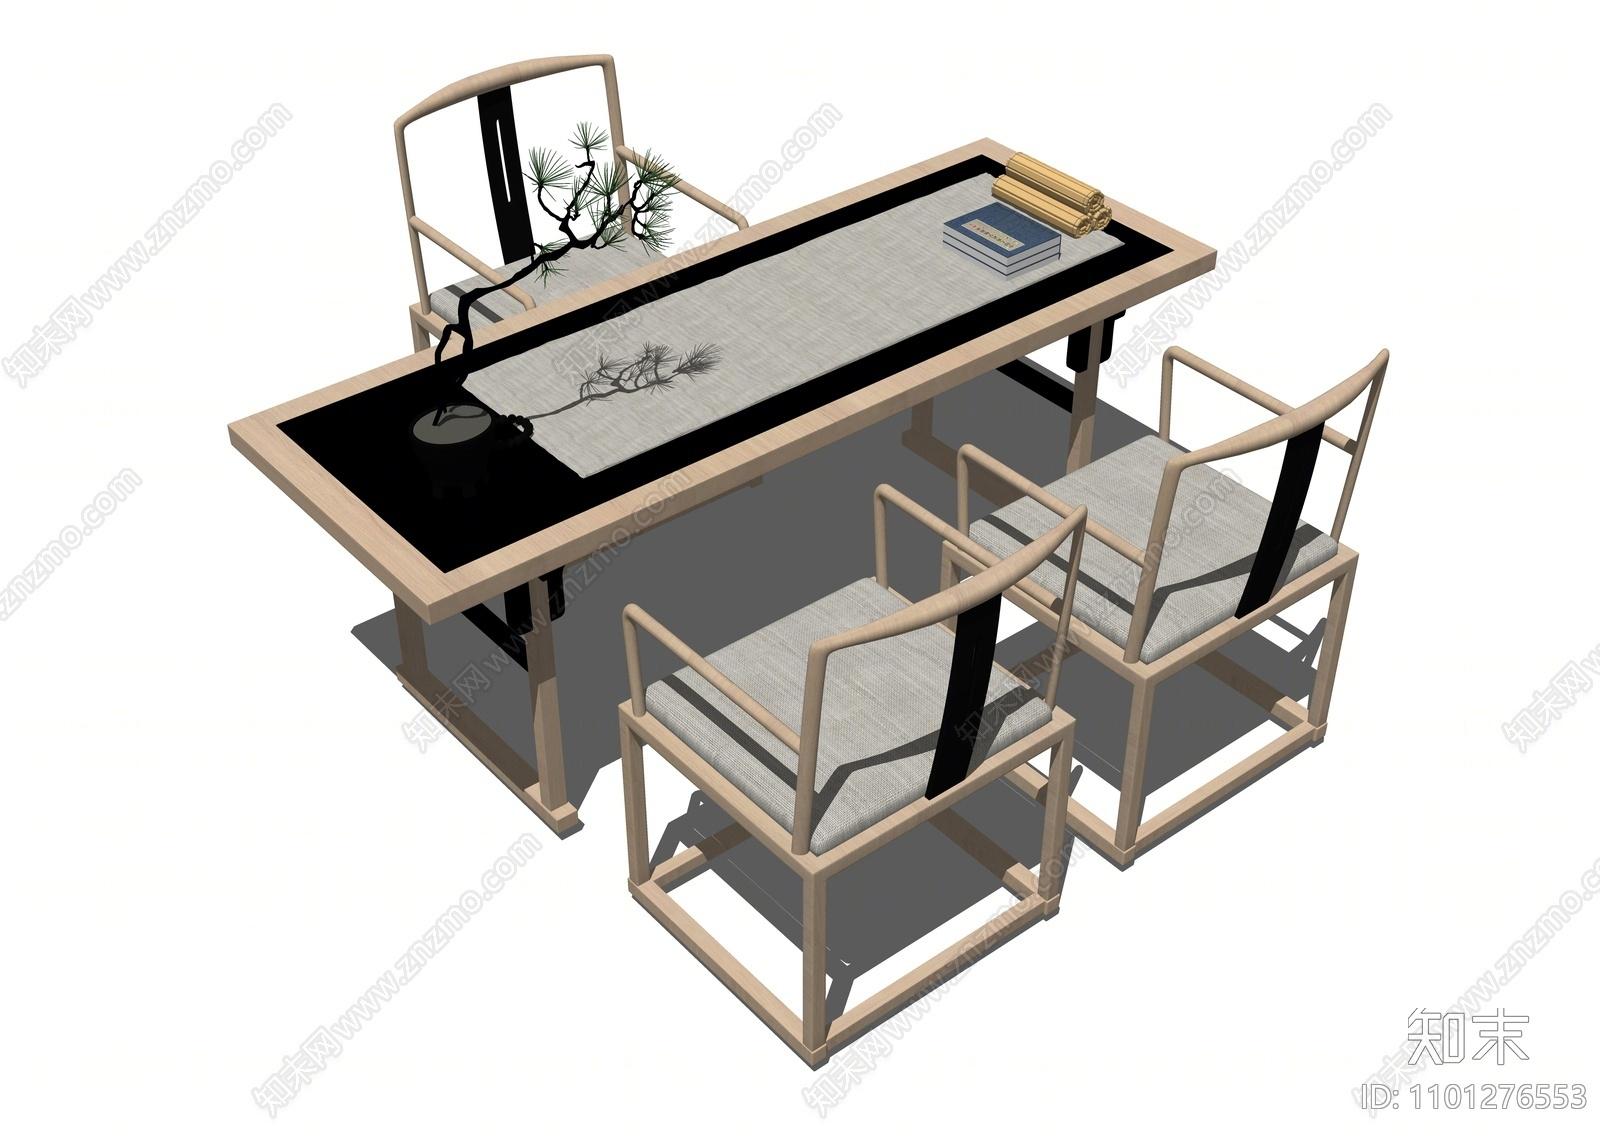 中式餐桌椅SU模型下载【ID:1101276553】